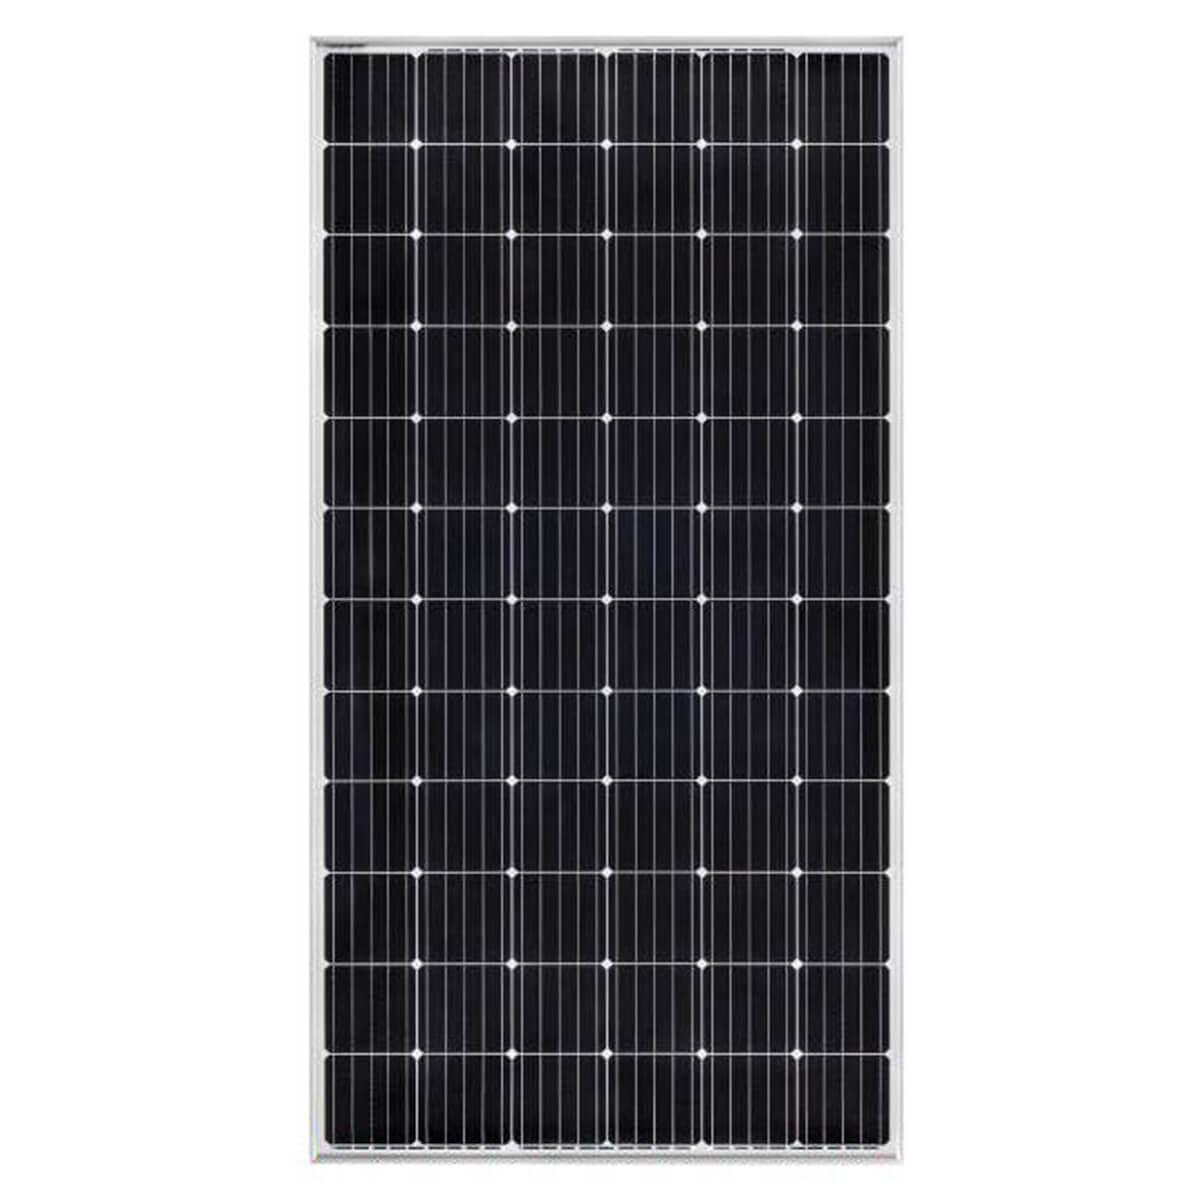 Odul solar 400W panel, odul solar 400Watt panel, Odul solar 400 W panel, odul solar 400 Watt panel, odul solar 400 Watt monokristal panel, Odul solar 400 W watt gunes paneli, odul solar 400 W watt monokristal gunes paneli, odul solar 400 W Watt fotovoltaik monokristal solar panel, odul solar 400W monokristal gunes enerjisi, odul solar OSMp72-400W panel